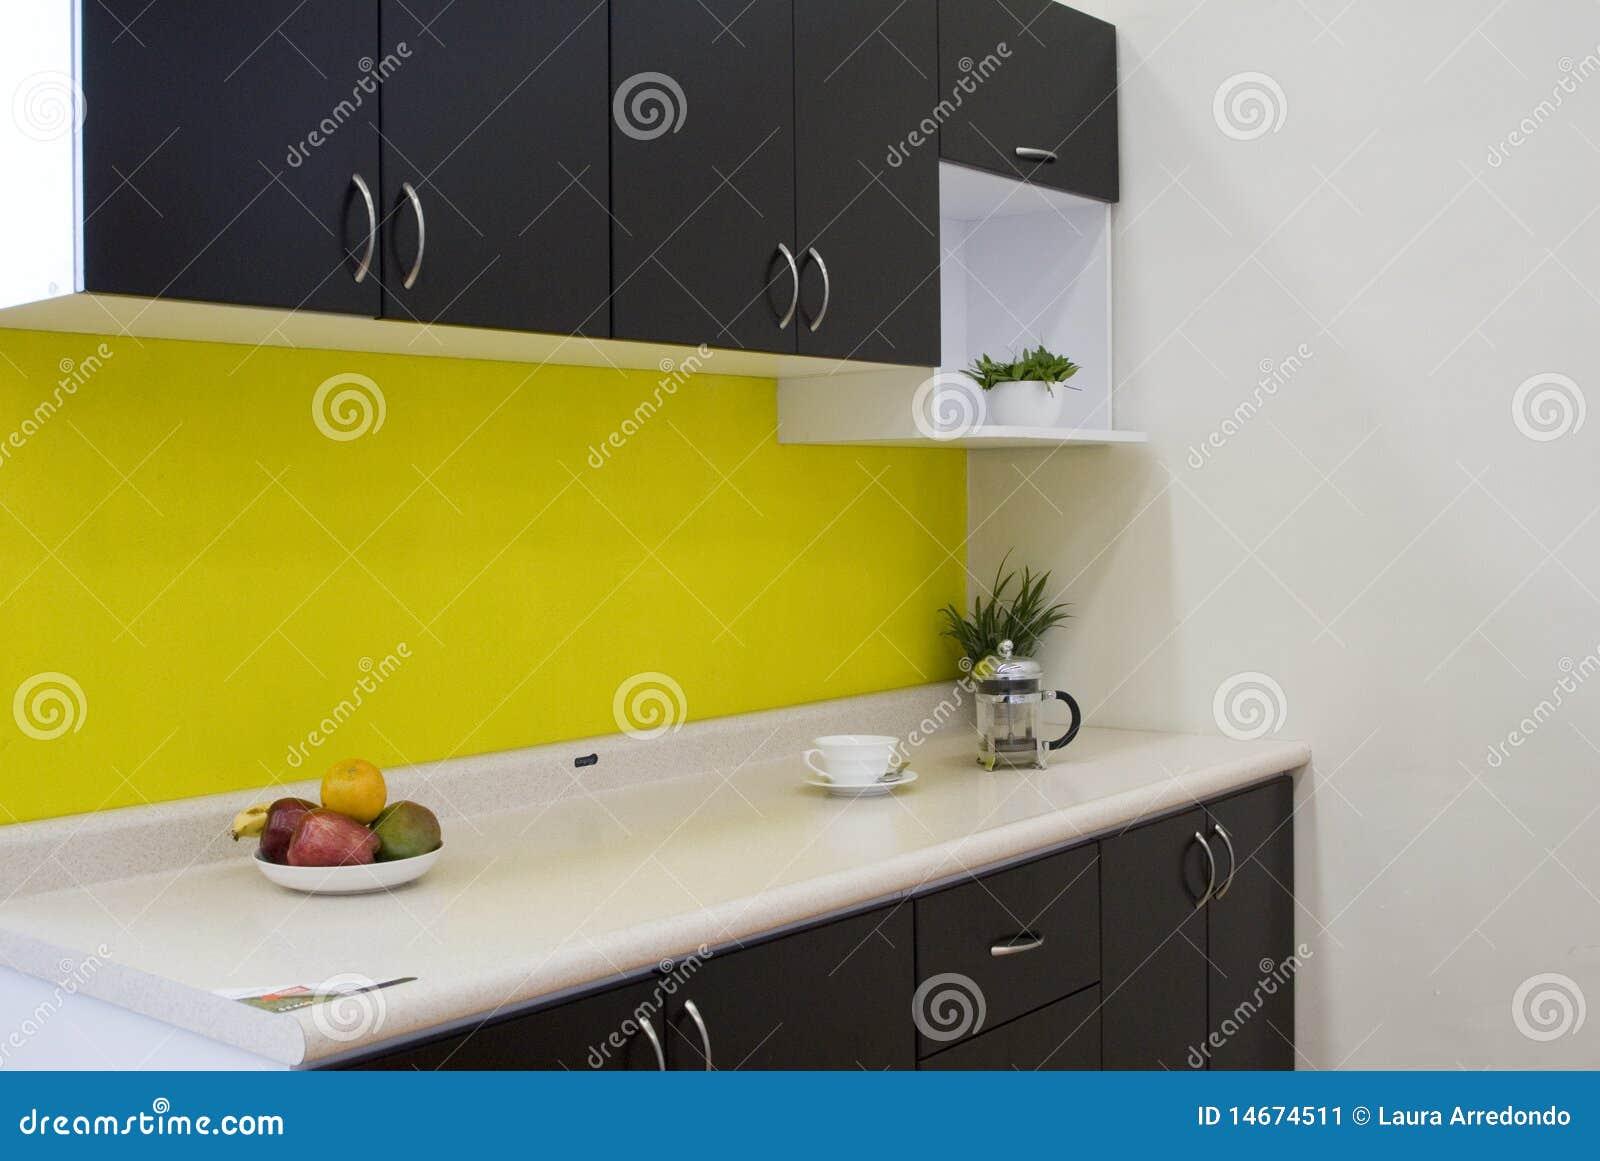 Cucina Con Una Parete Gialla Immagine Stock - Immagine: 14674511